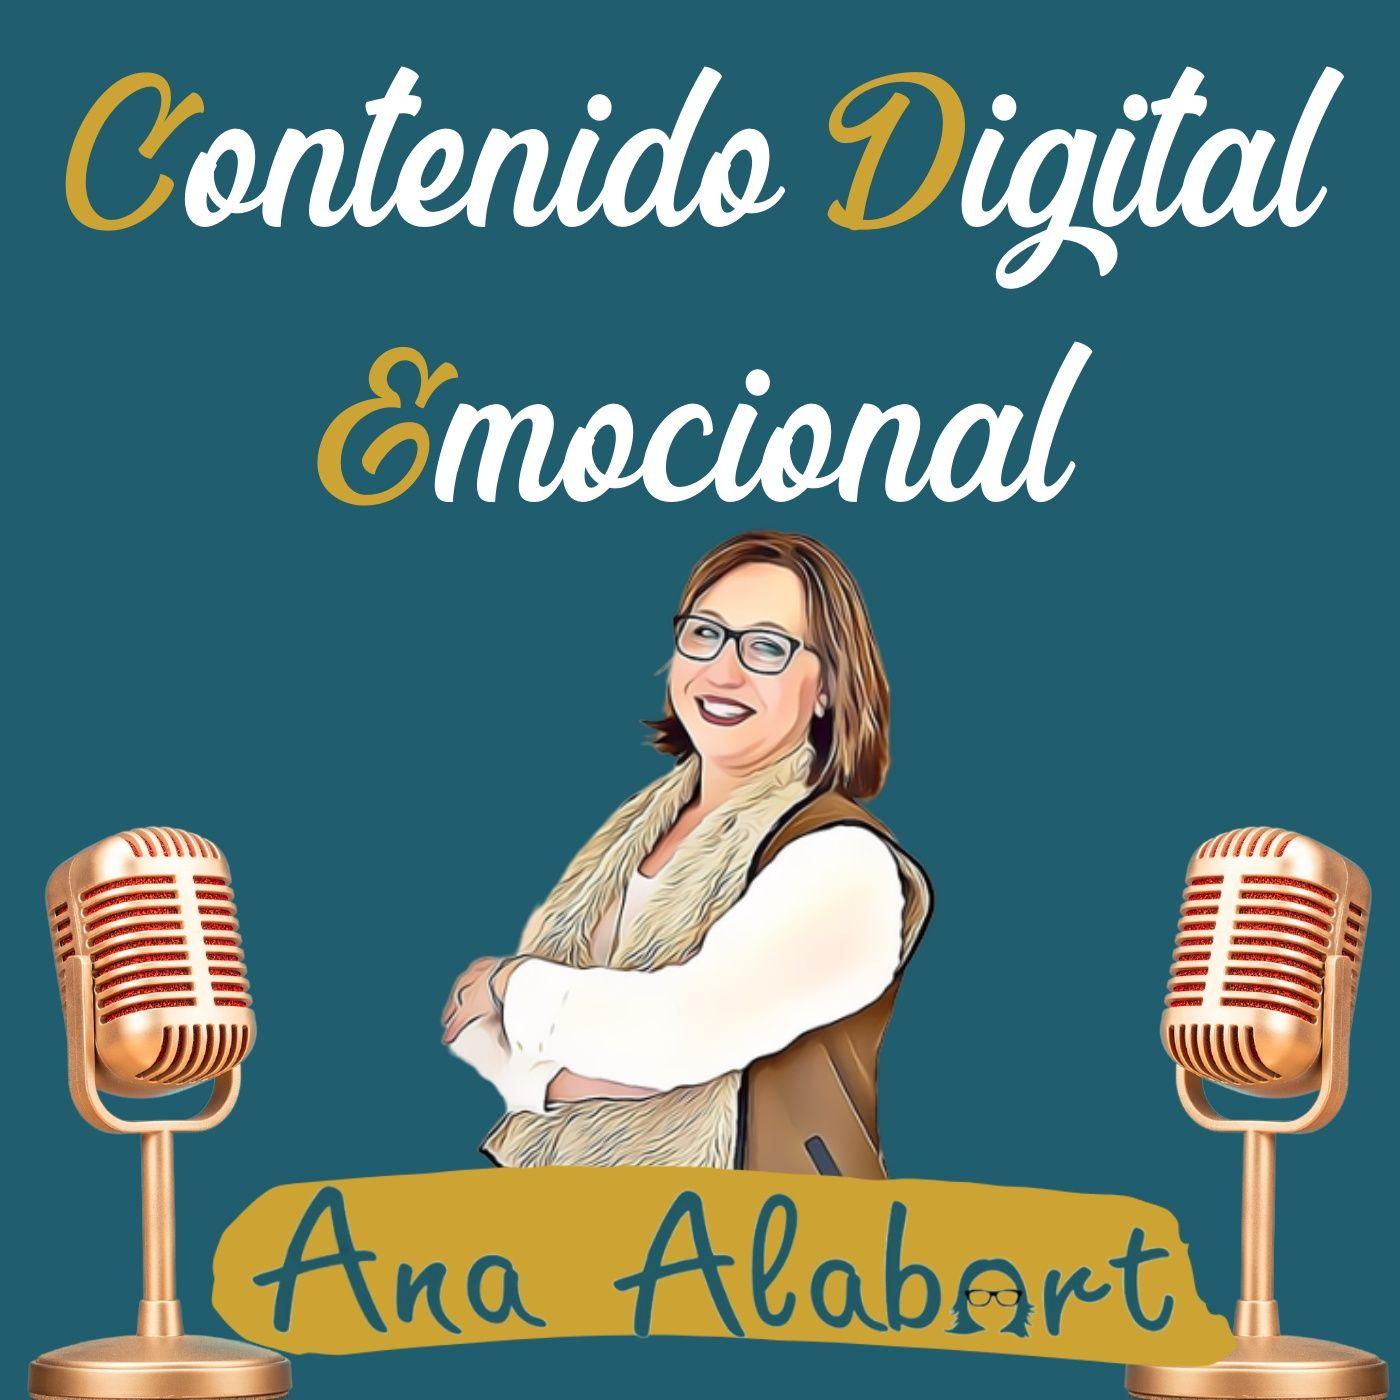 051. Entrevista a Miguel Ángel Trabado